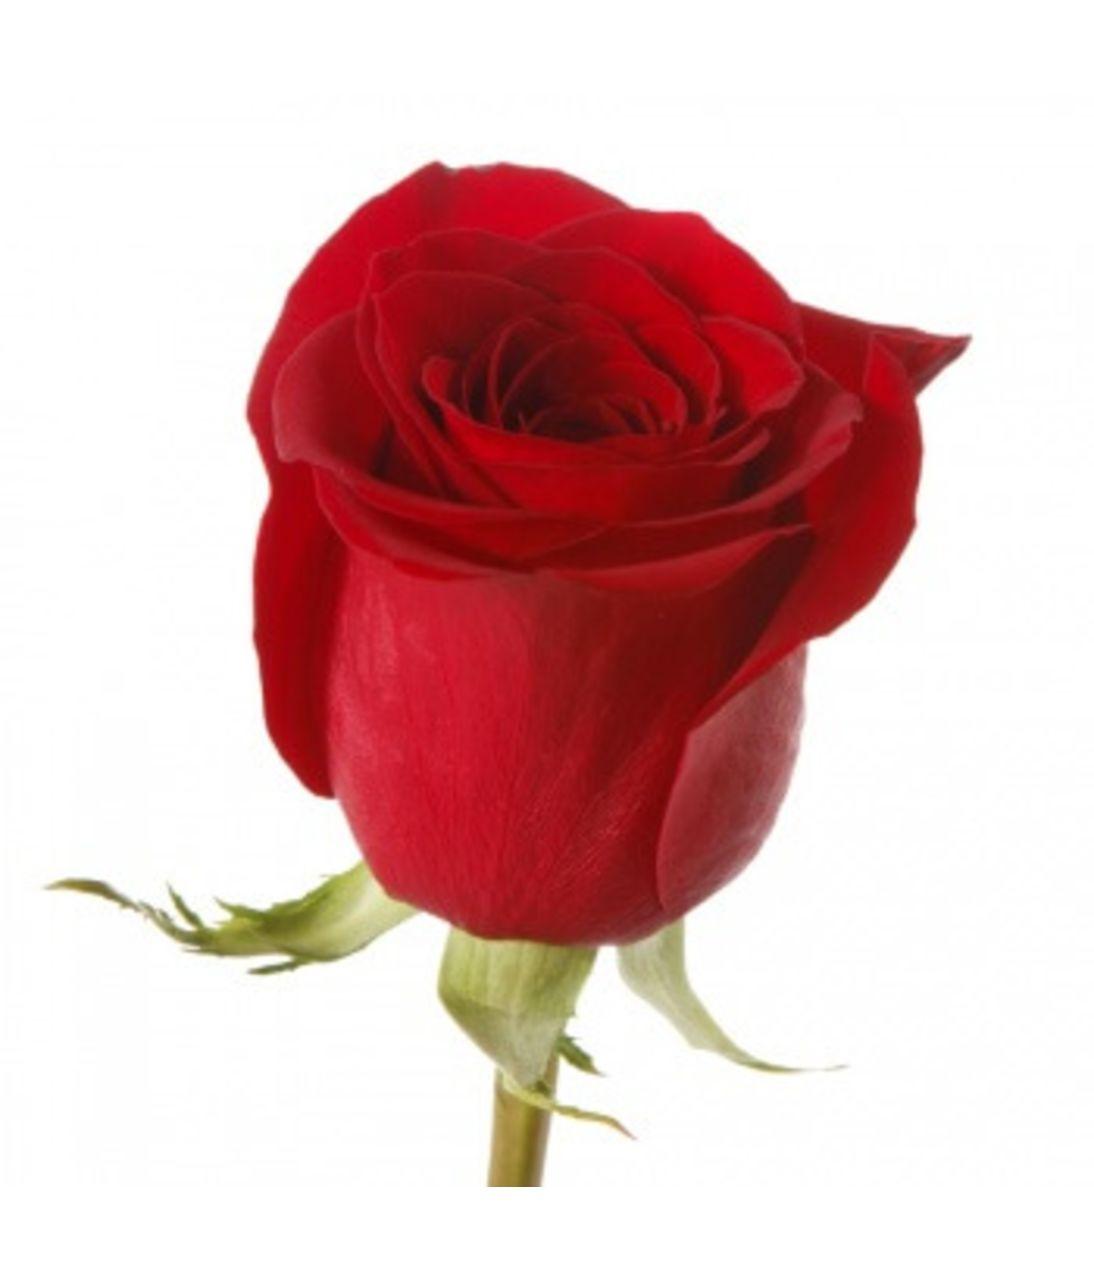 Красная роза премиум (импорт). Superflowers.com.ua